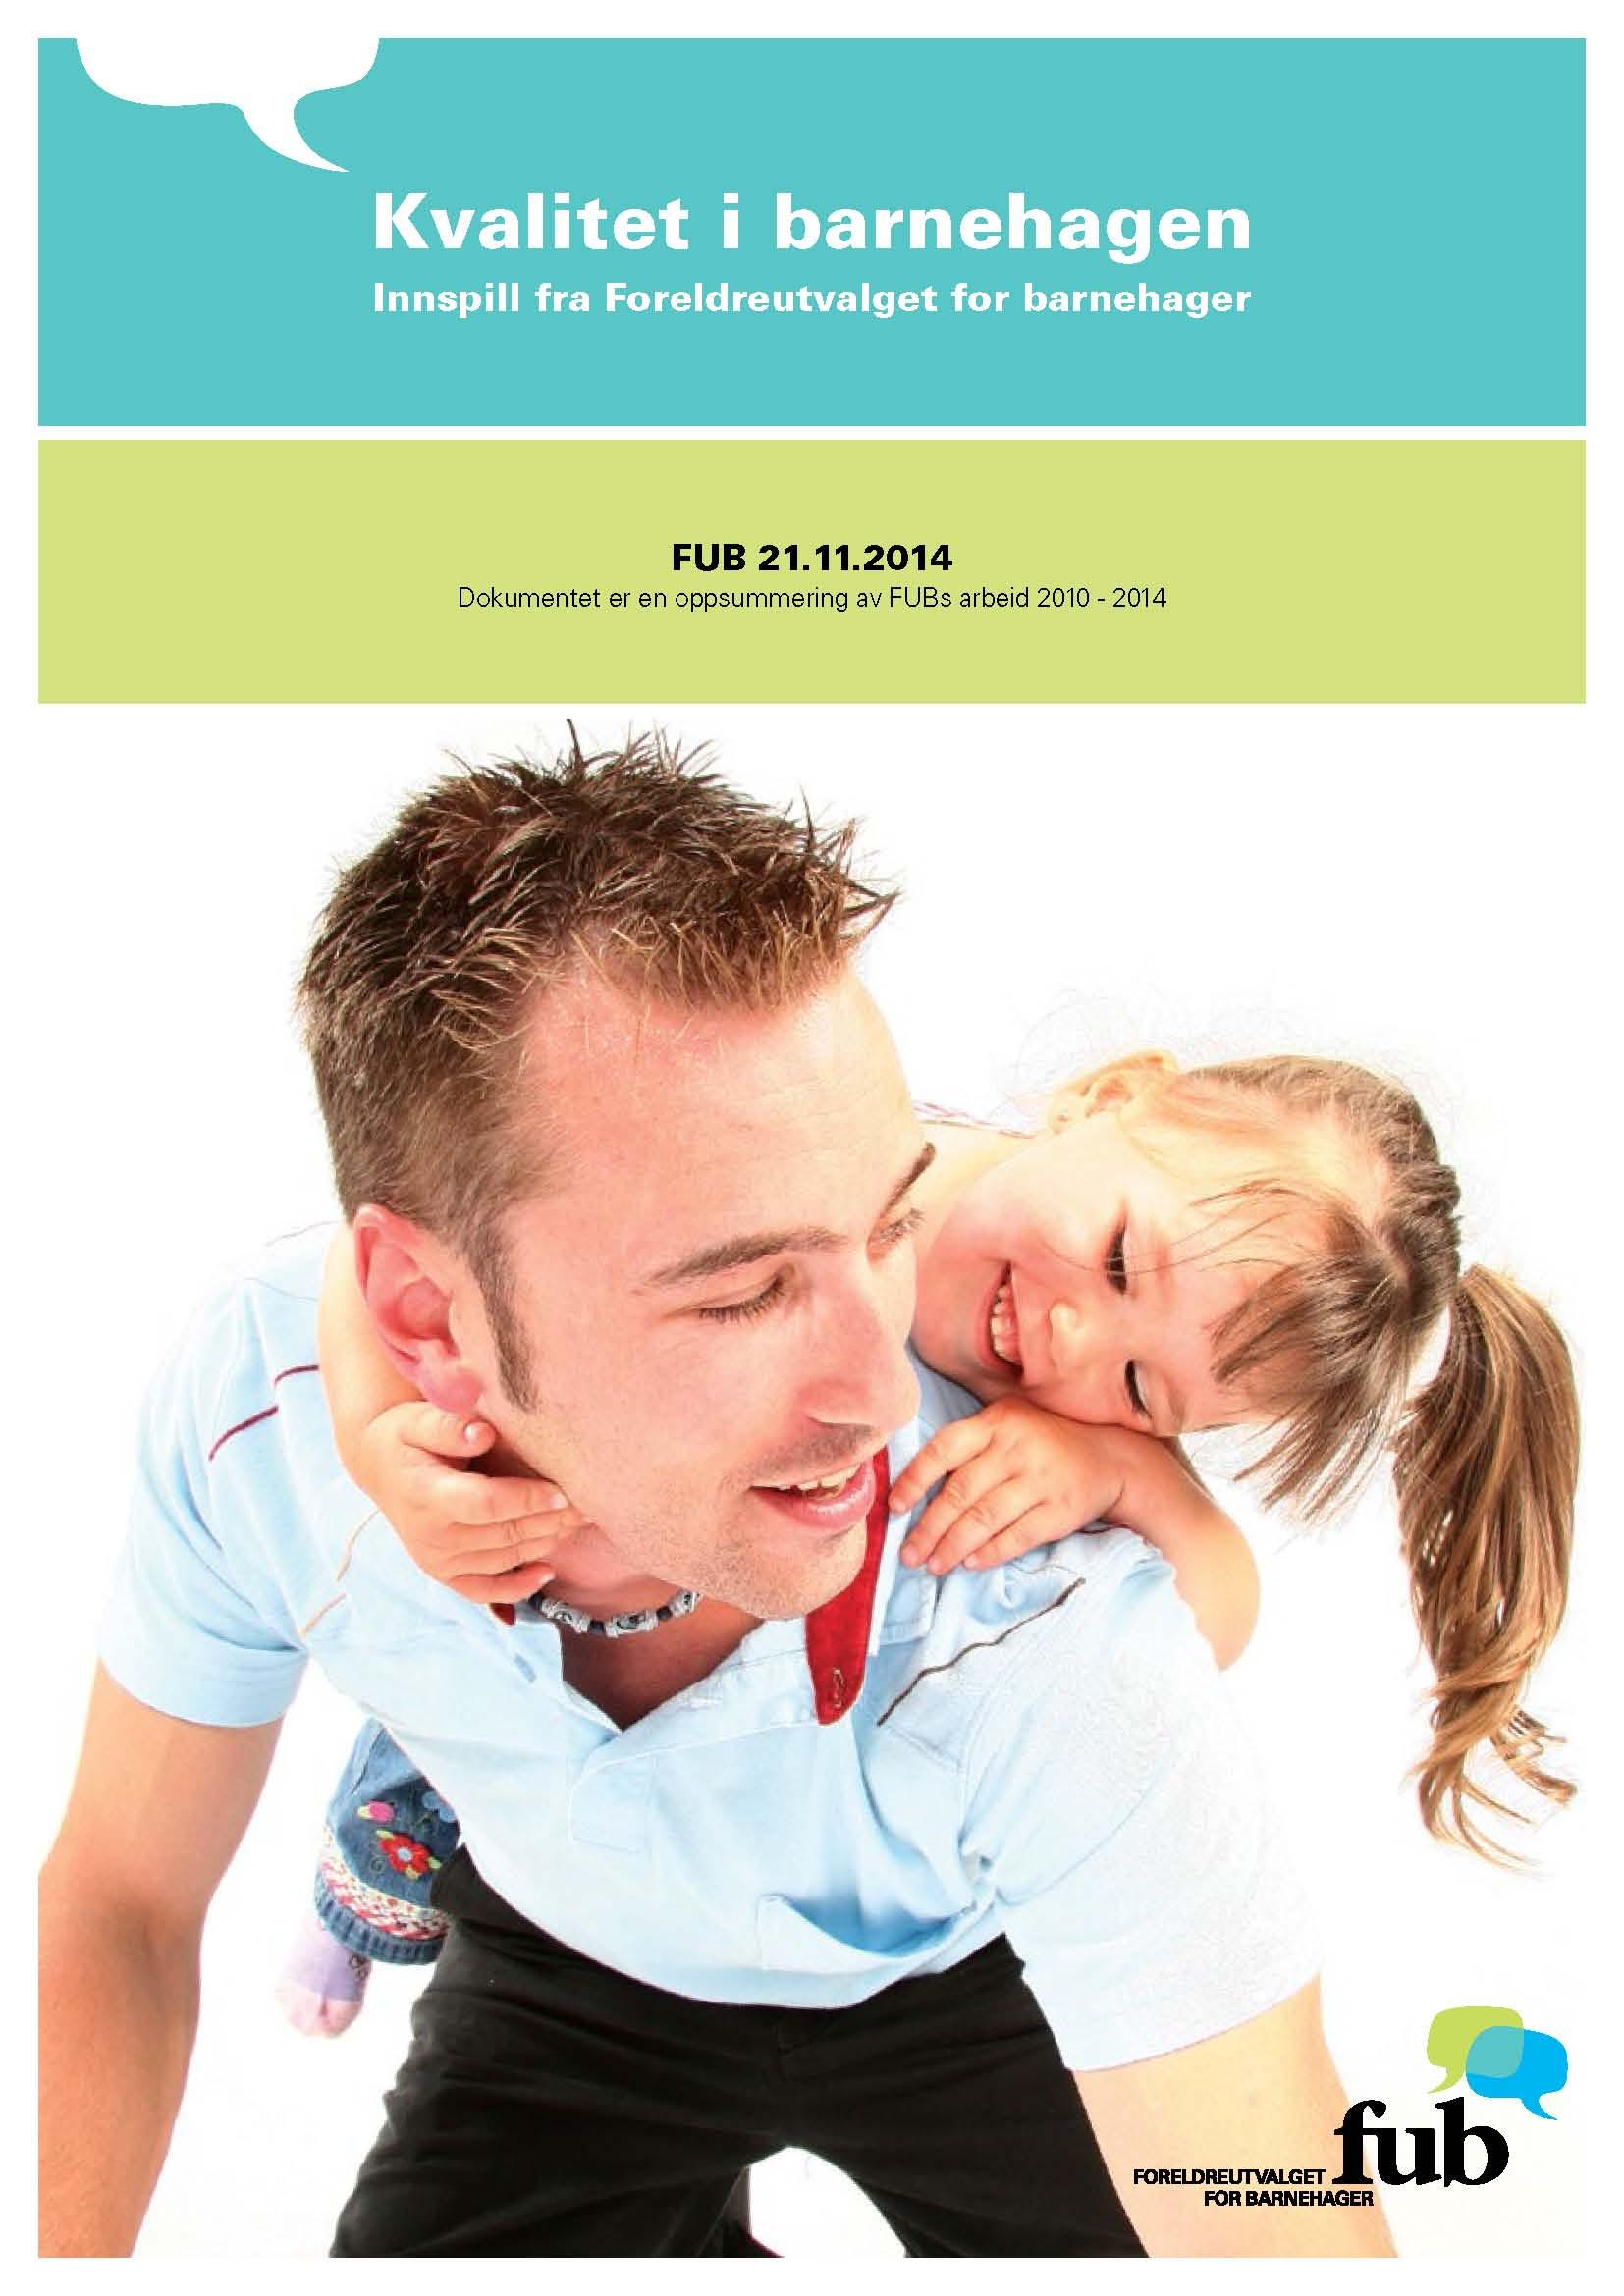 Kvalitet i barnehagen. Innspill fra Foreldreutvalget for barnehager (bokmål, bilde av forsiden).jpg